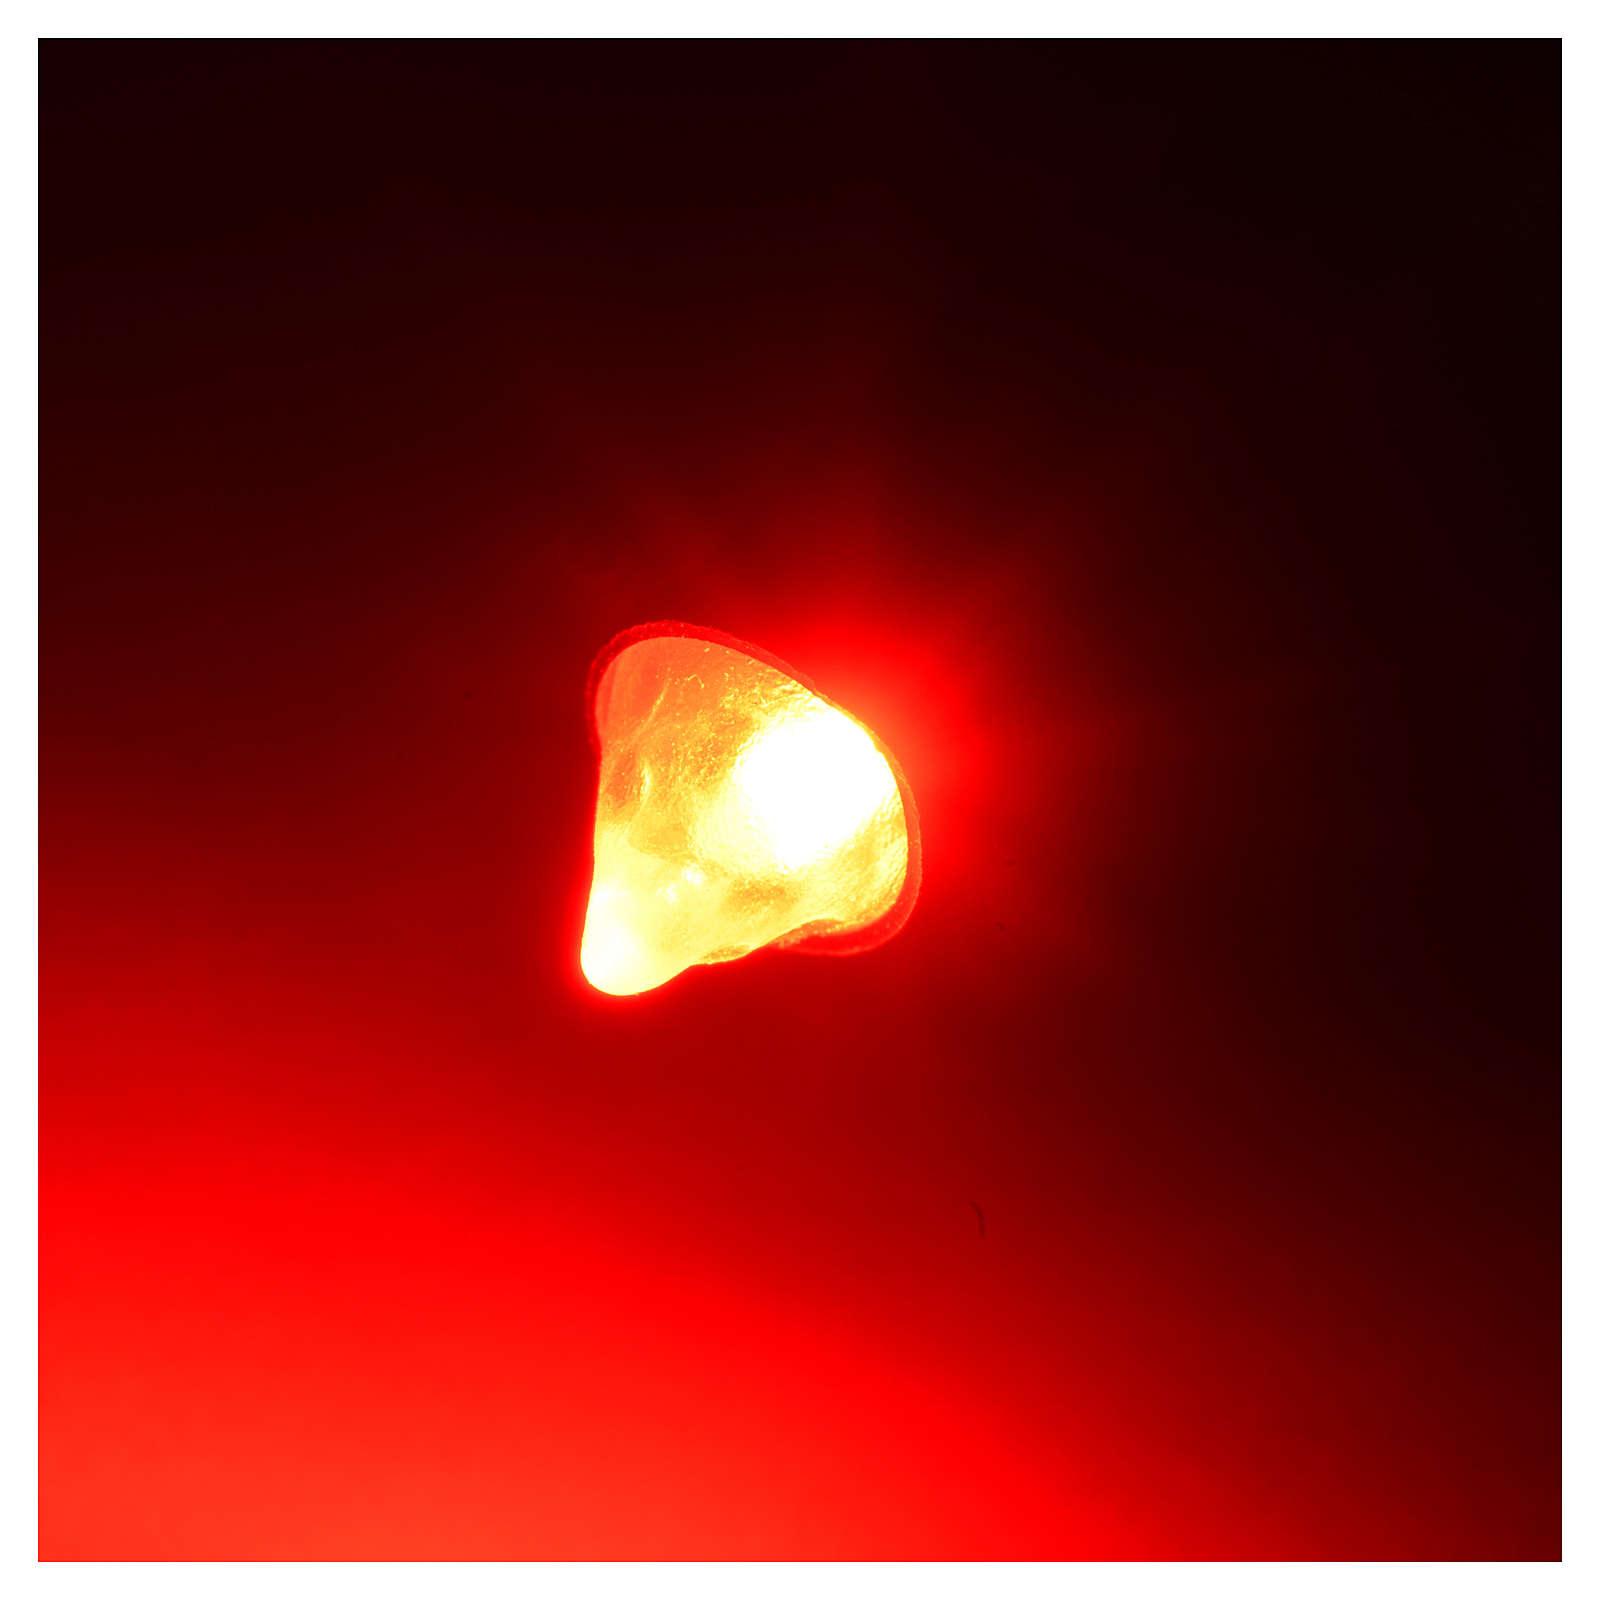 Led pochodnia światło czerwone średn. 5mm szopka 4